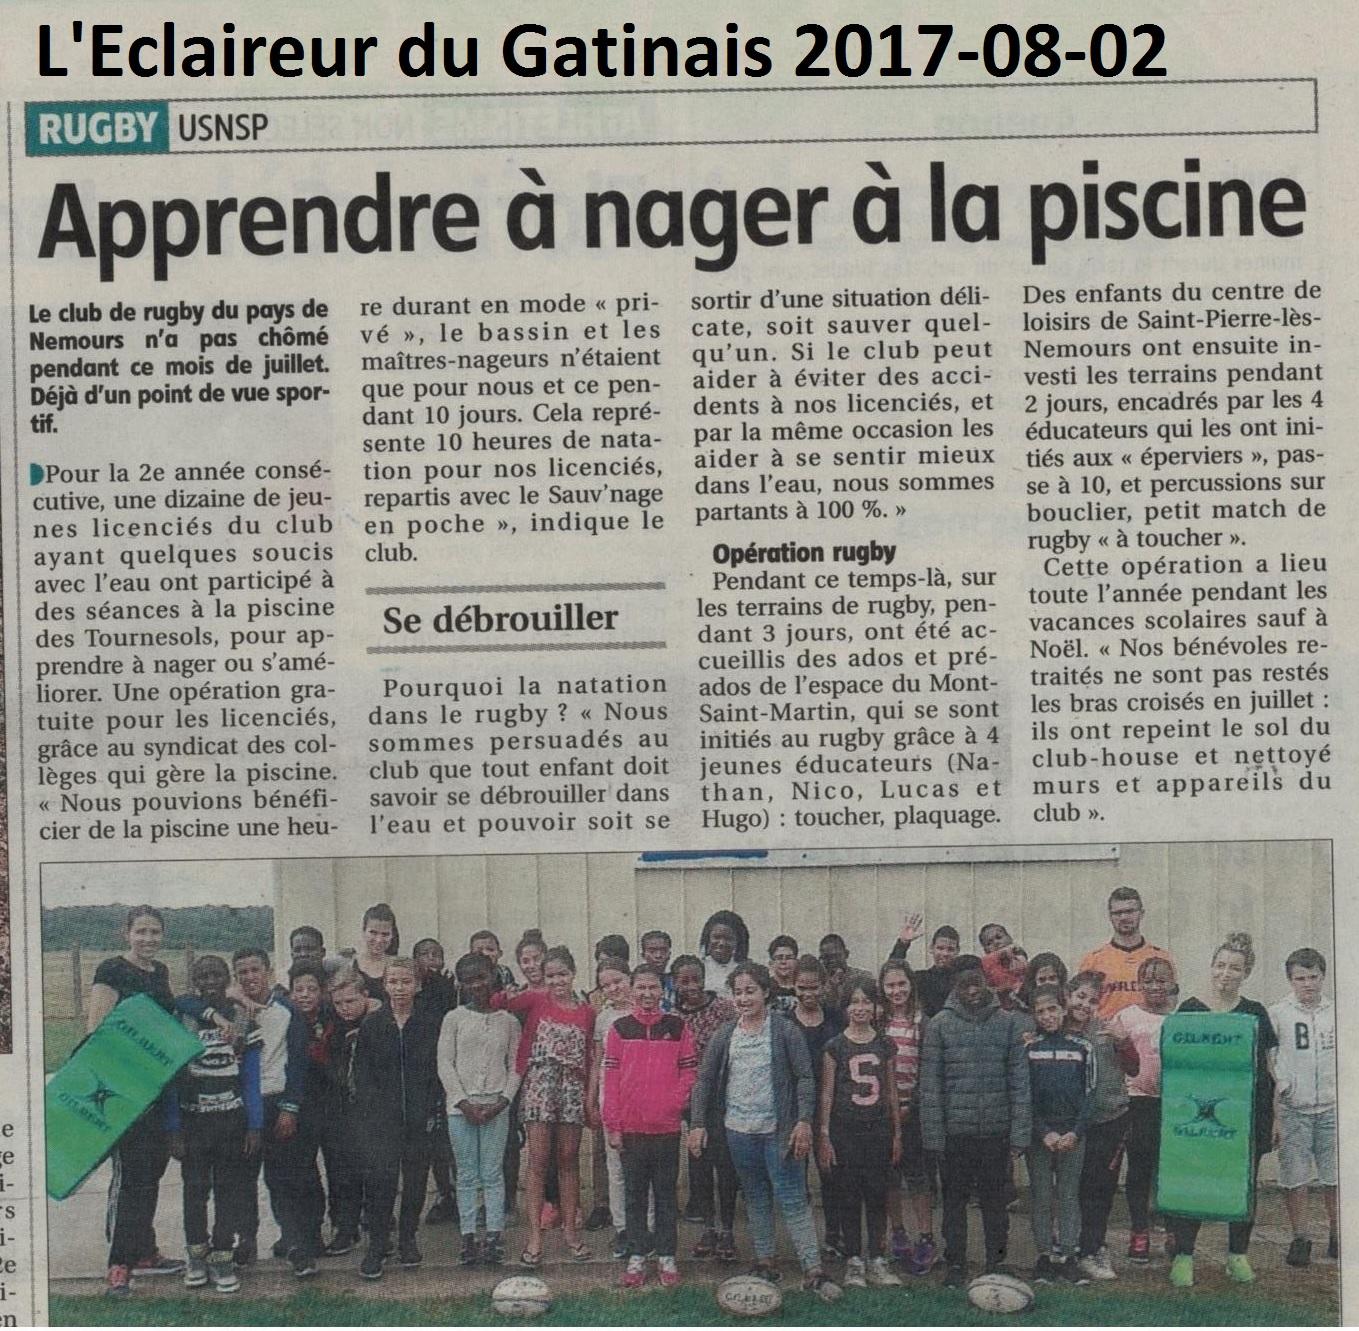 Eclaireur du Gatinais 2017-08-02